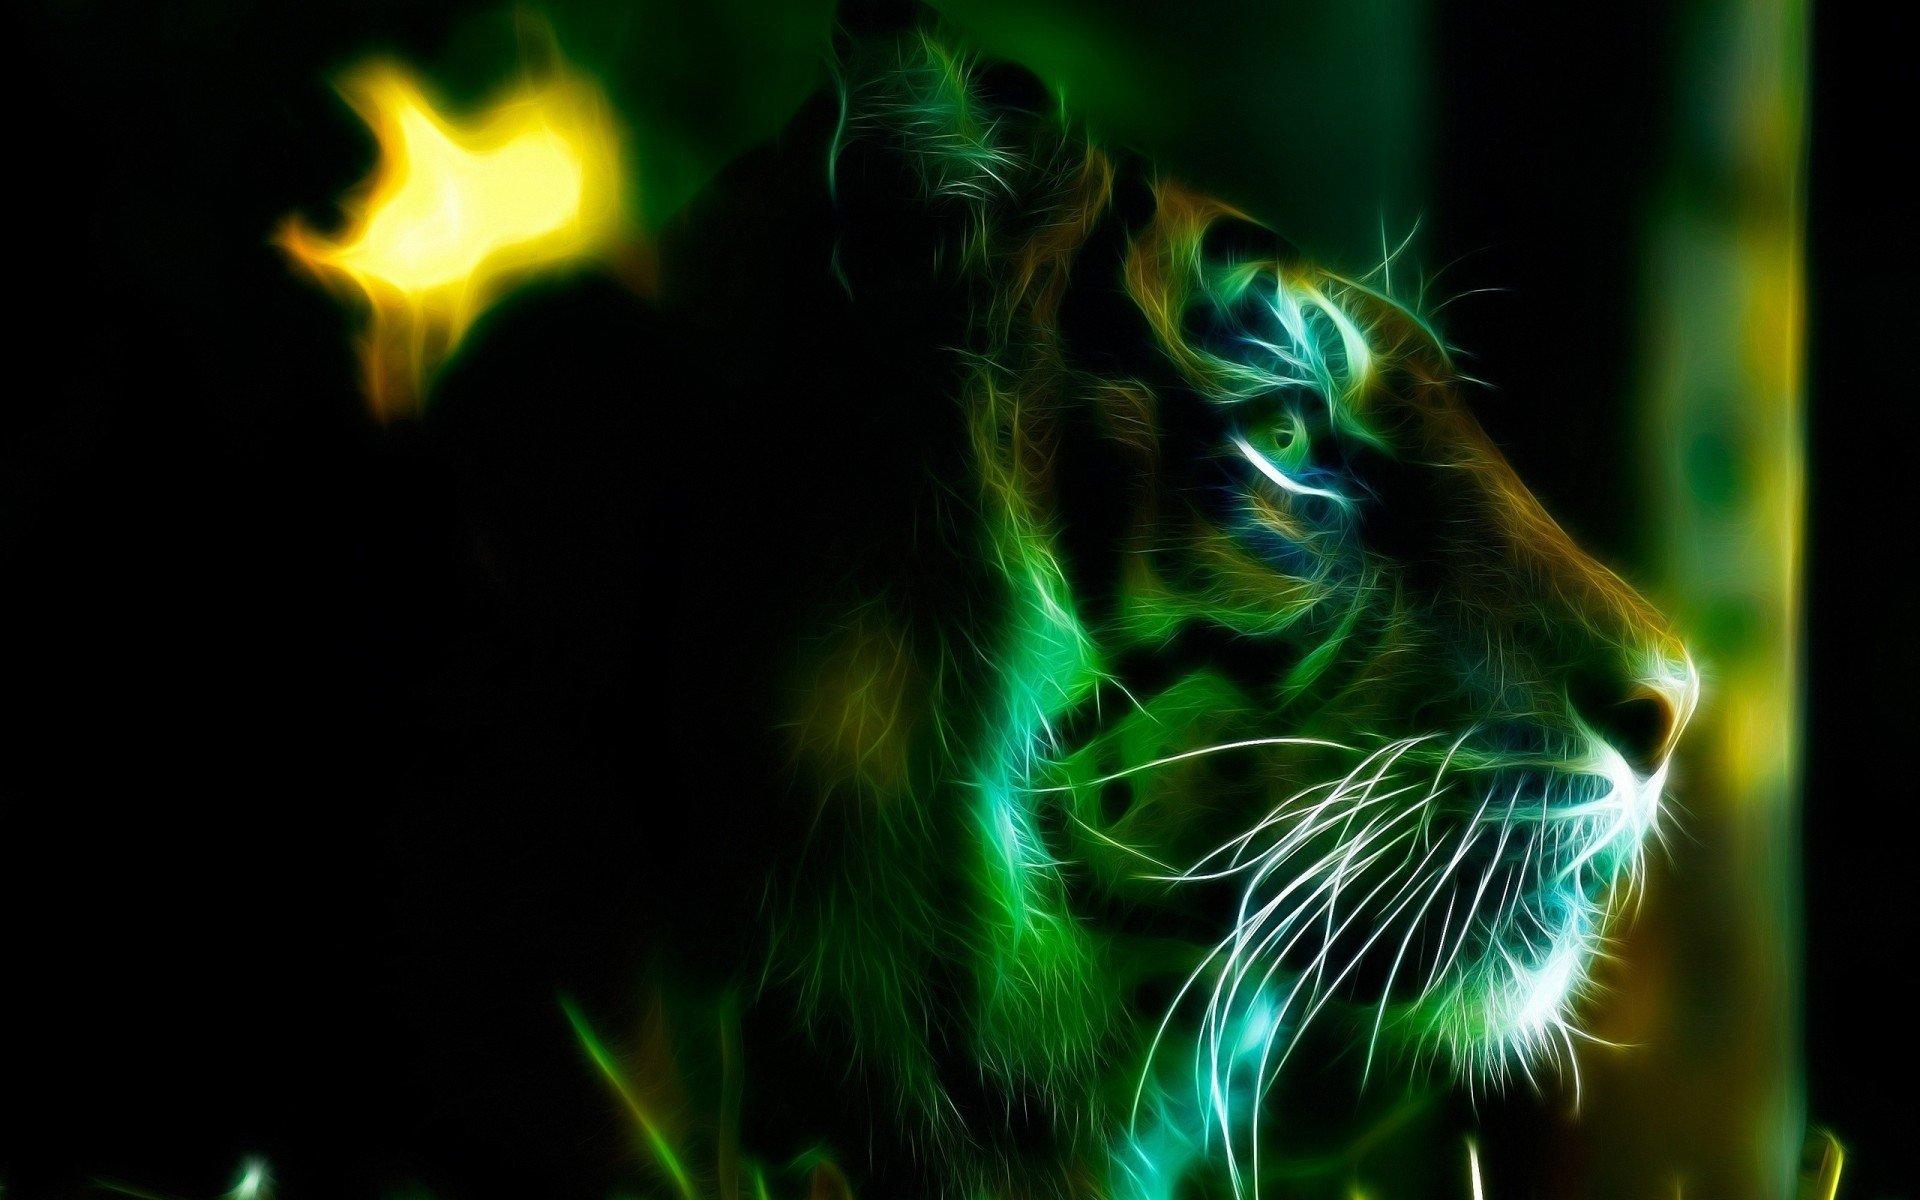 3d tiger photoshop fractal wallpaper | 1920x1200 | 541524 | wallpaperup